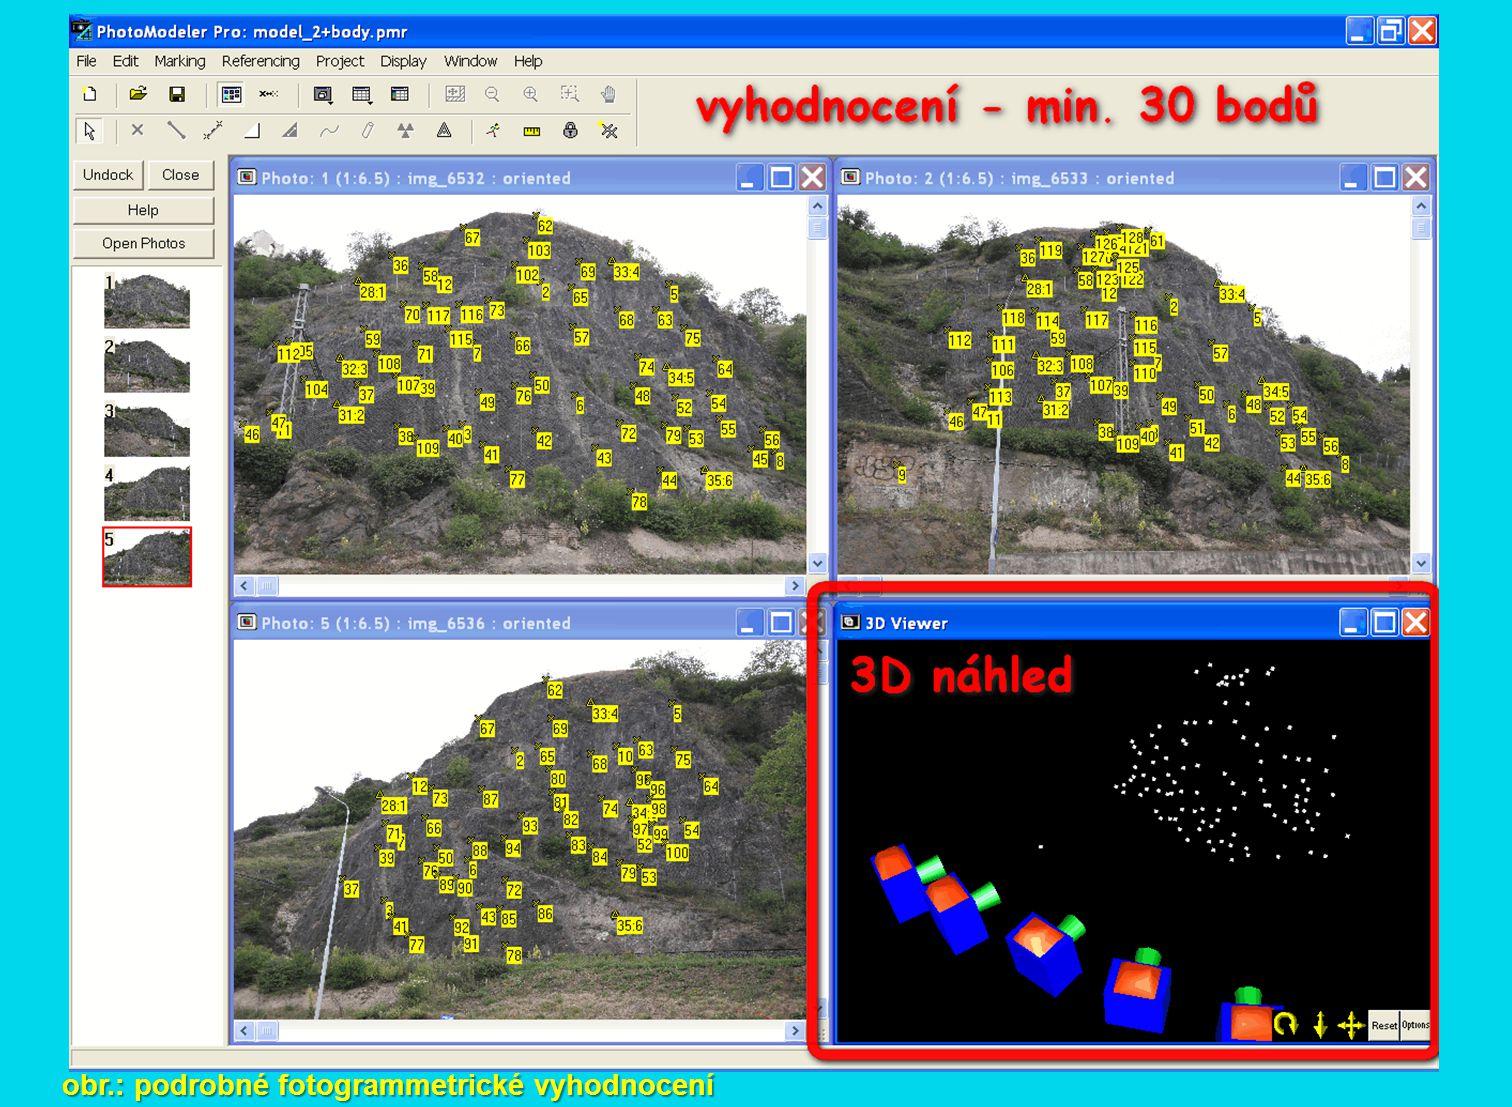 obr.: podrobné fotogrammetrické vyhodnocení